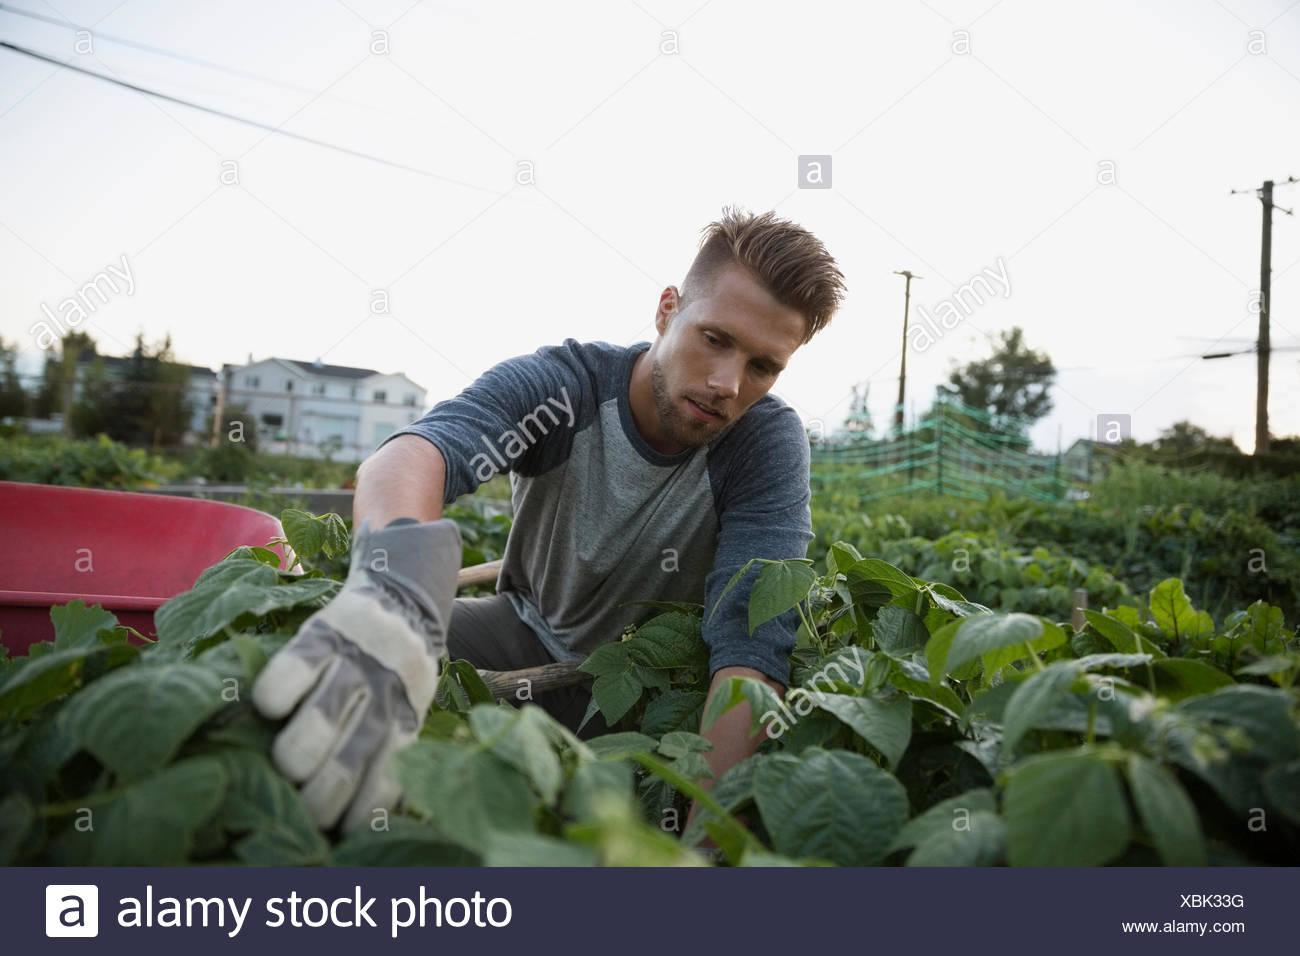 Man tending to plants in garden - Stock Image